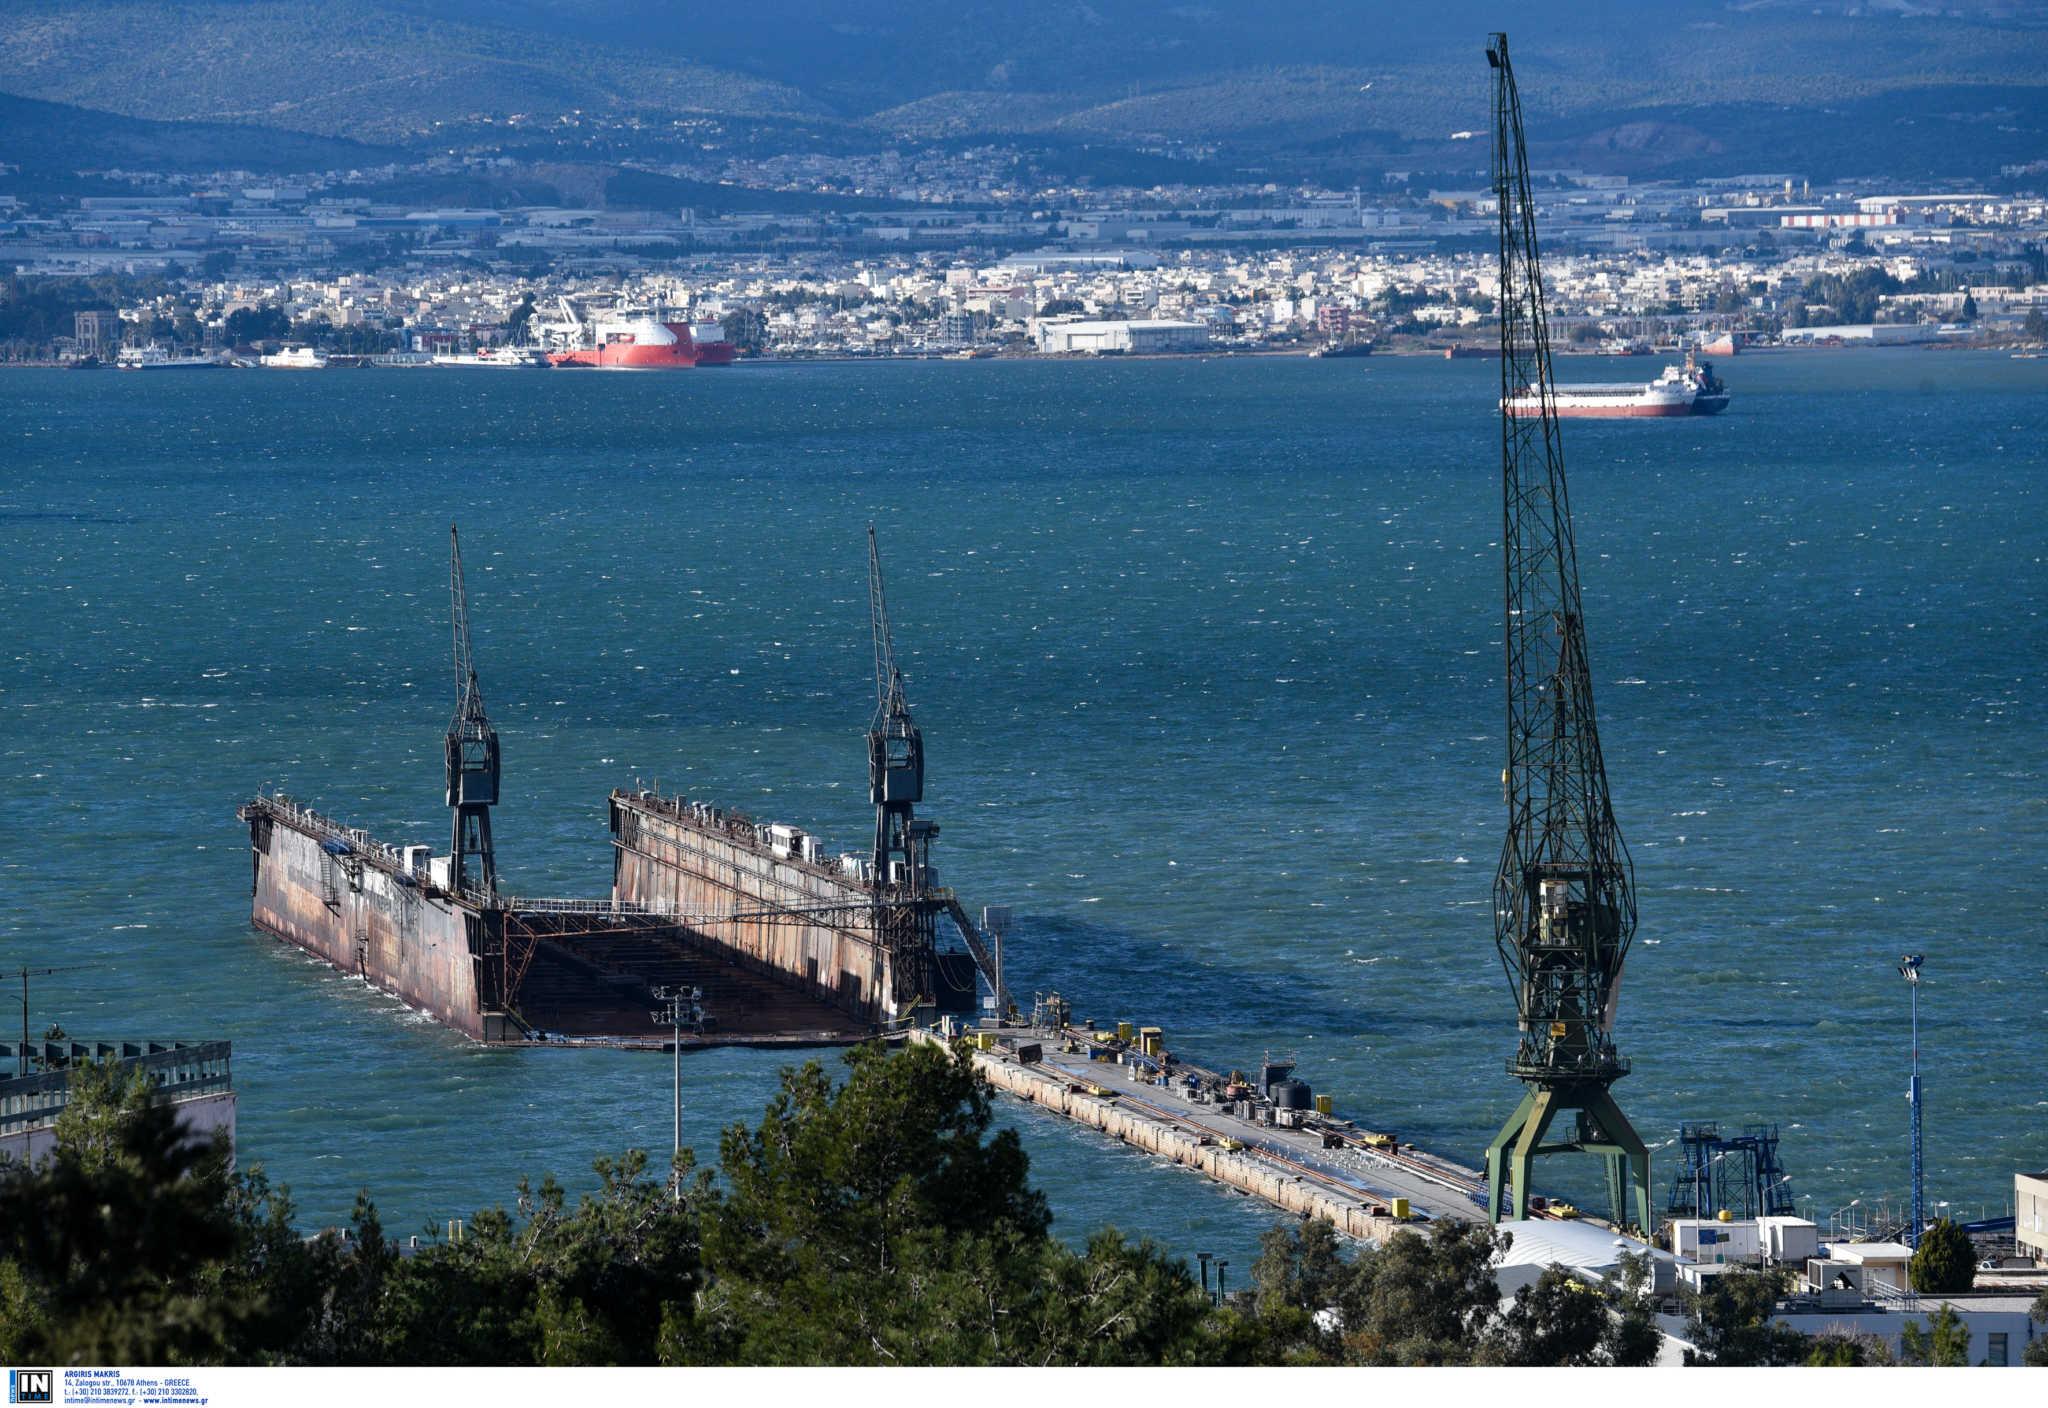 Ναυπηγεία Σκαραμαγκά: Δέσμευση για επενδύσεις 700 εκατ. ευρώ από την Pyletech Shipyards